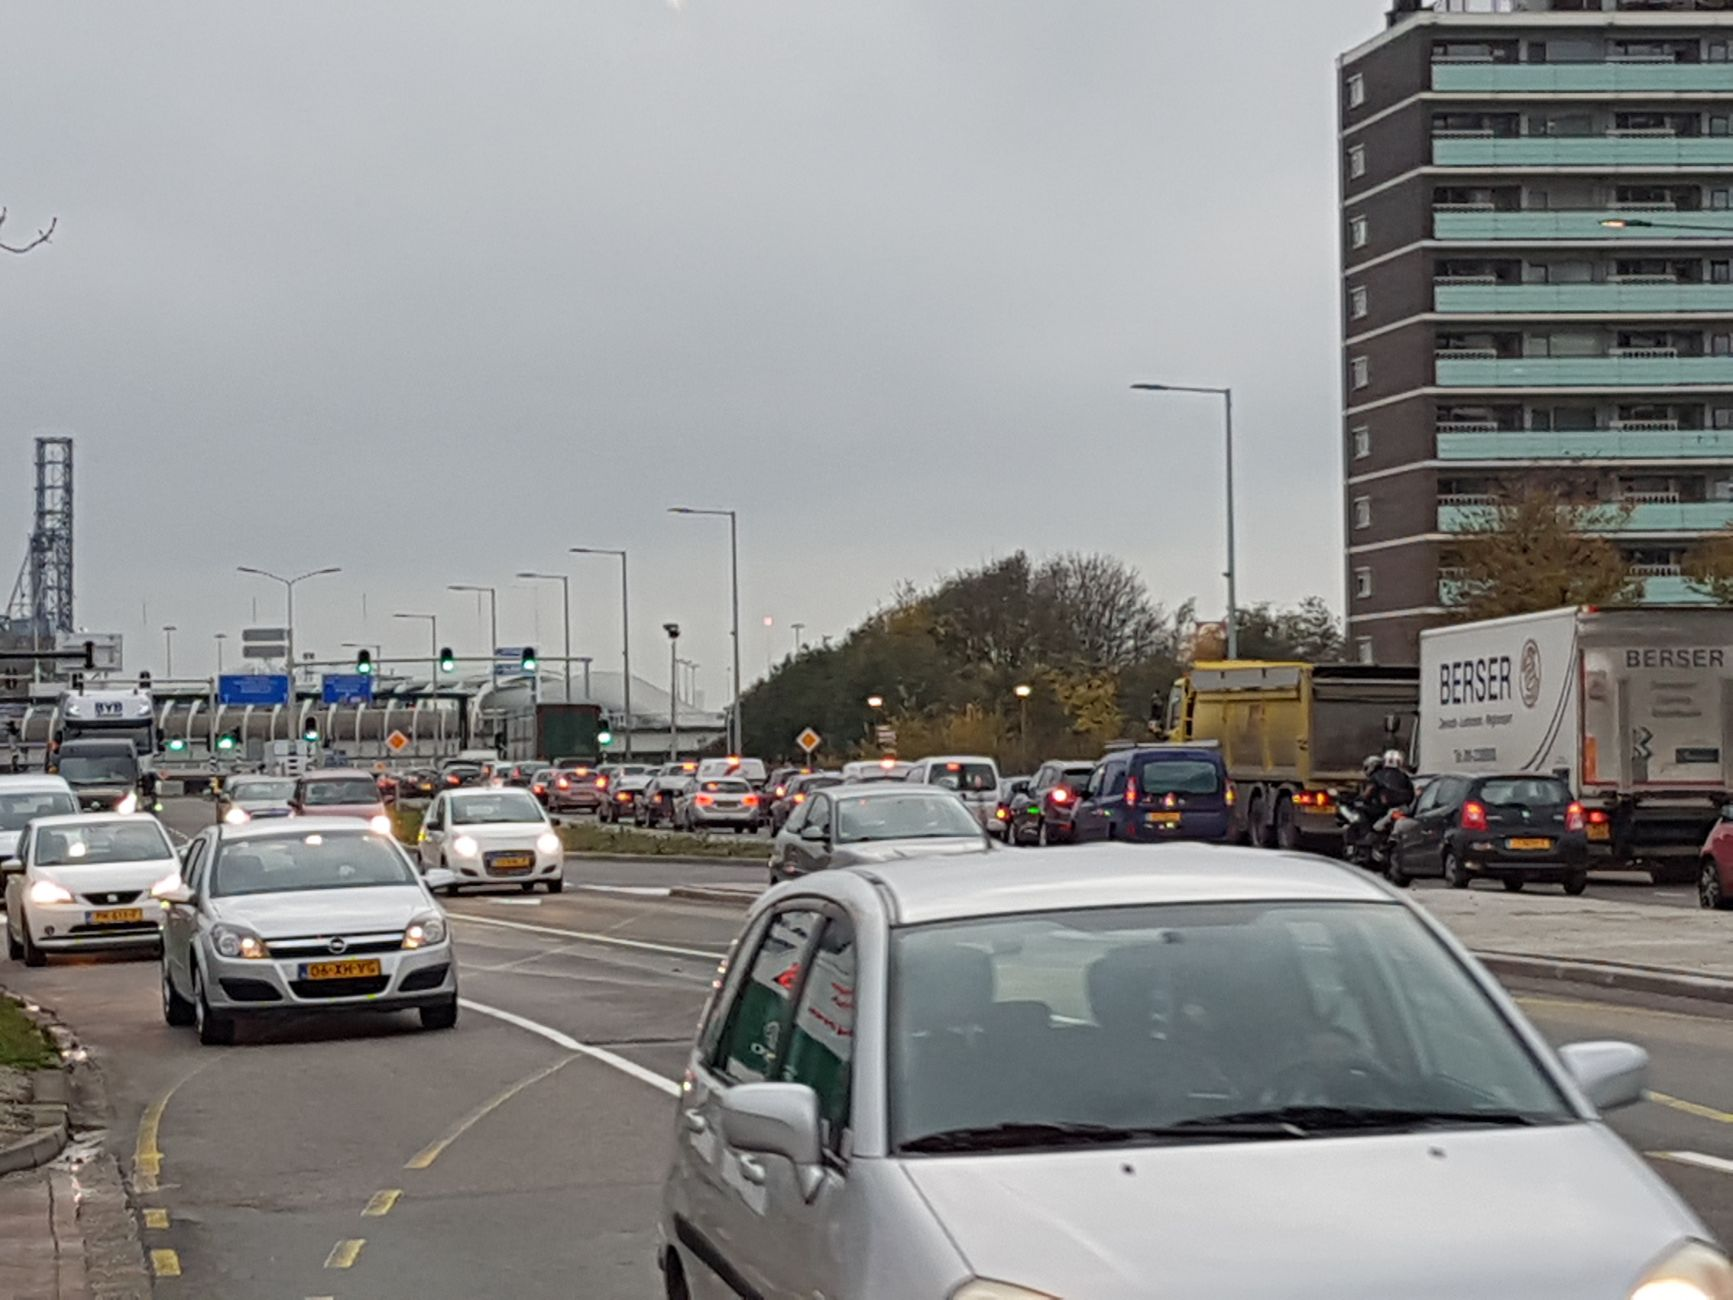 Meer parkeerplaatsen nodig voor vrachtauto's